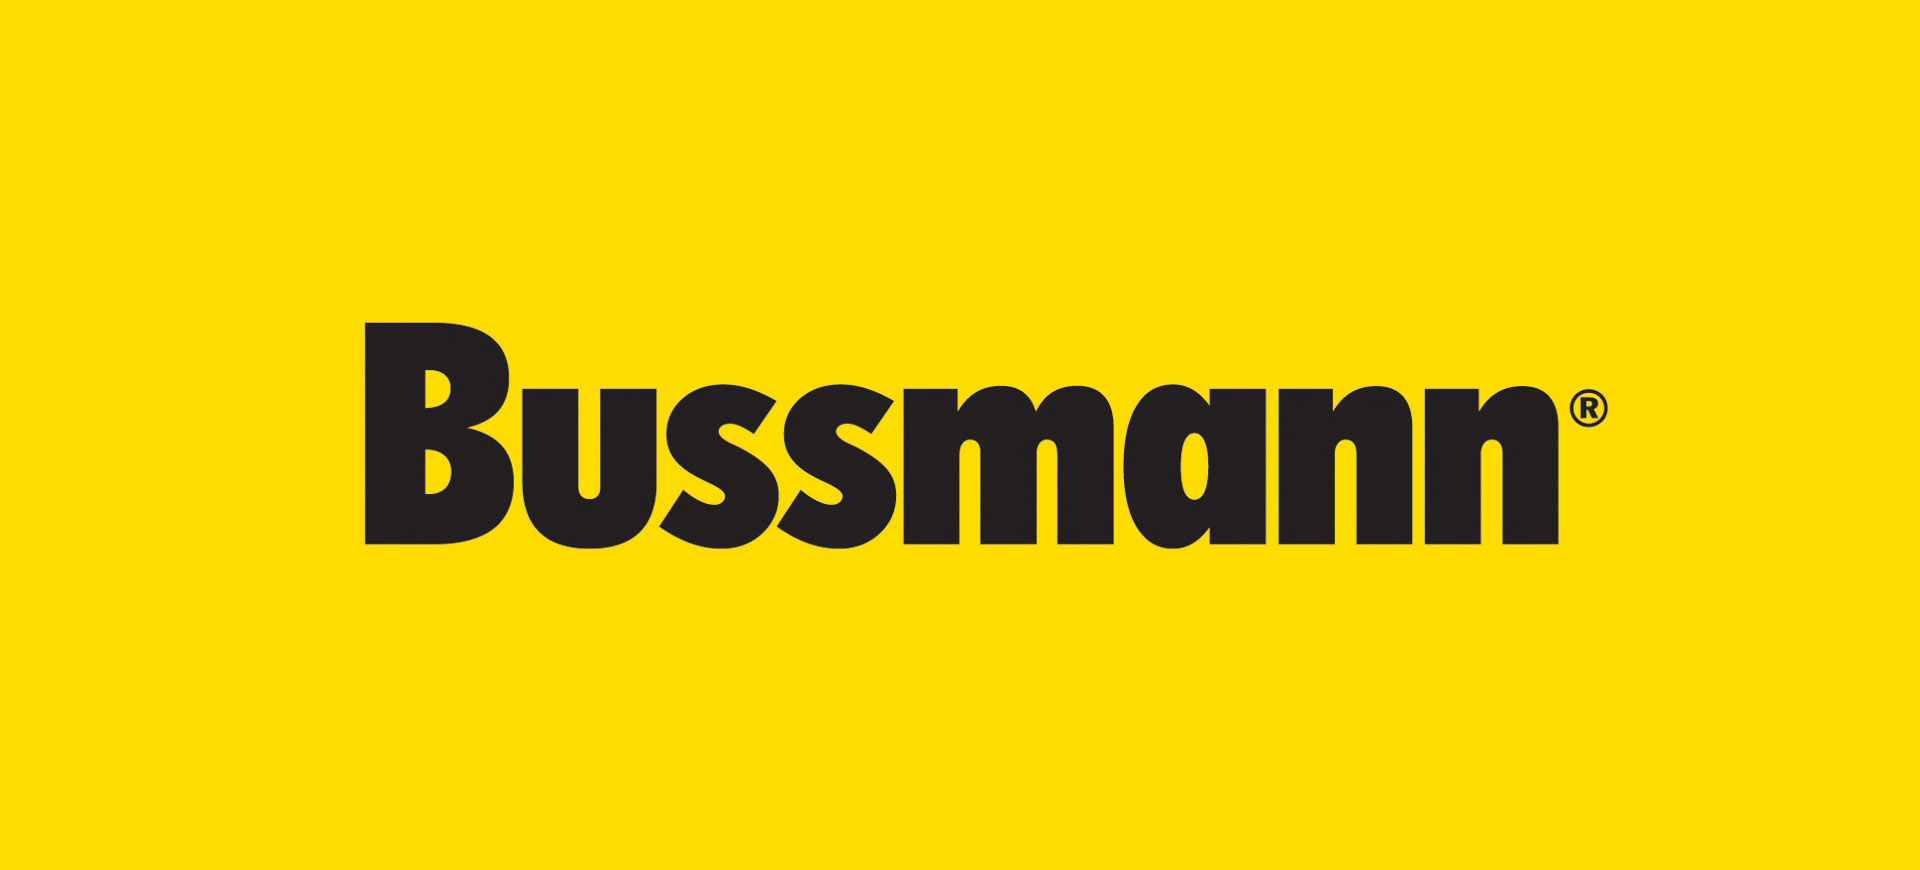 فیوز بوسمان Bussmann